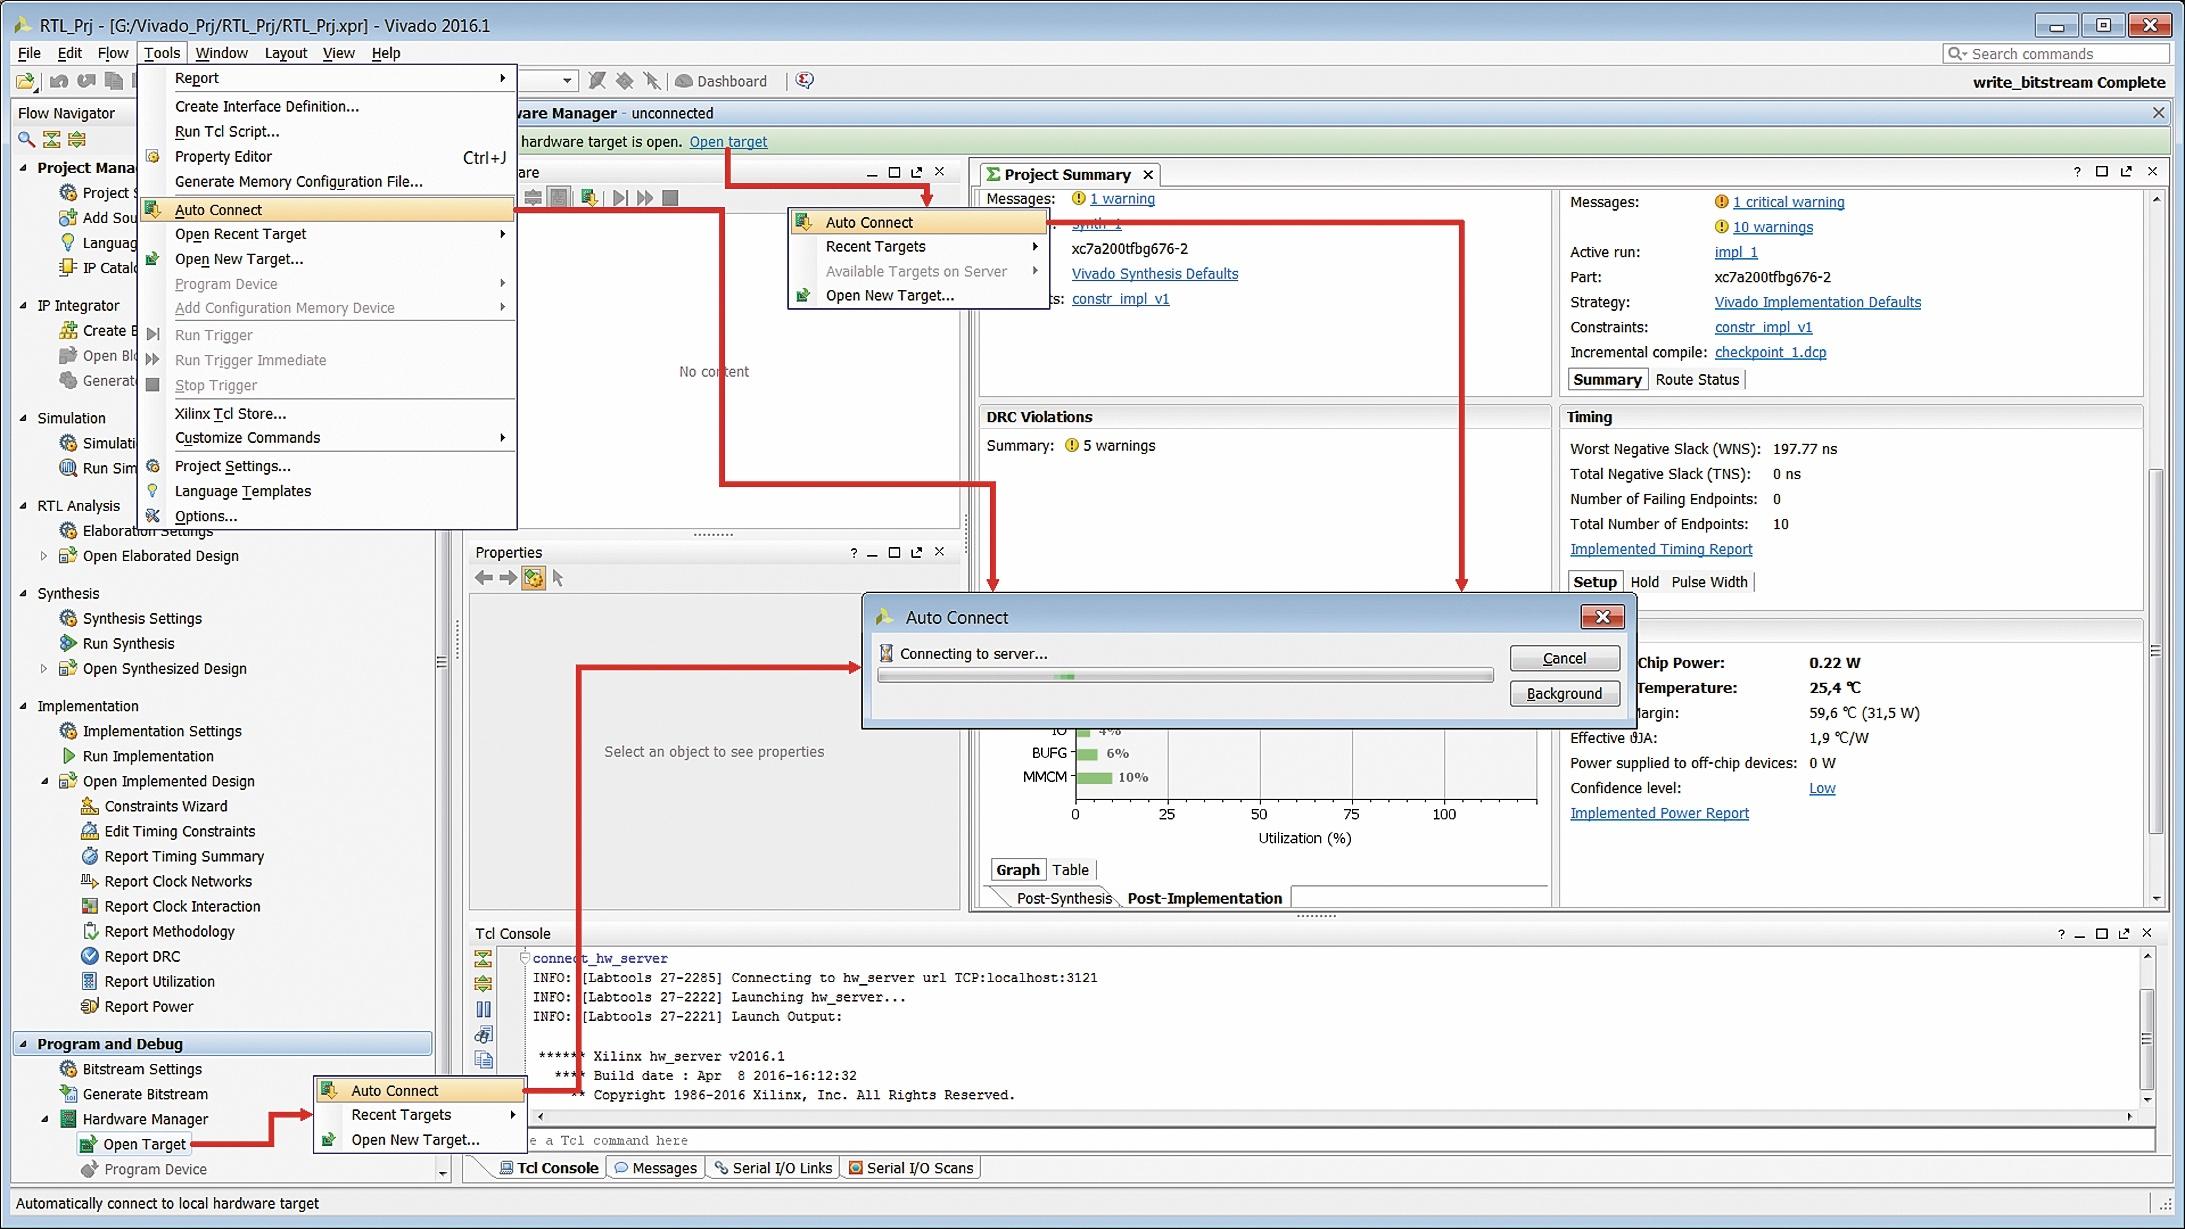 Запуск процедуры автоматического обнаружения подключенного оборудования, доступного для загрузки конфигурационной последовательности